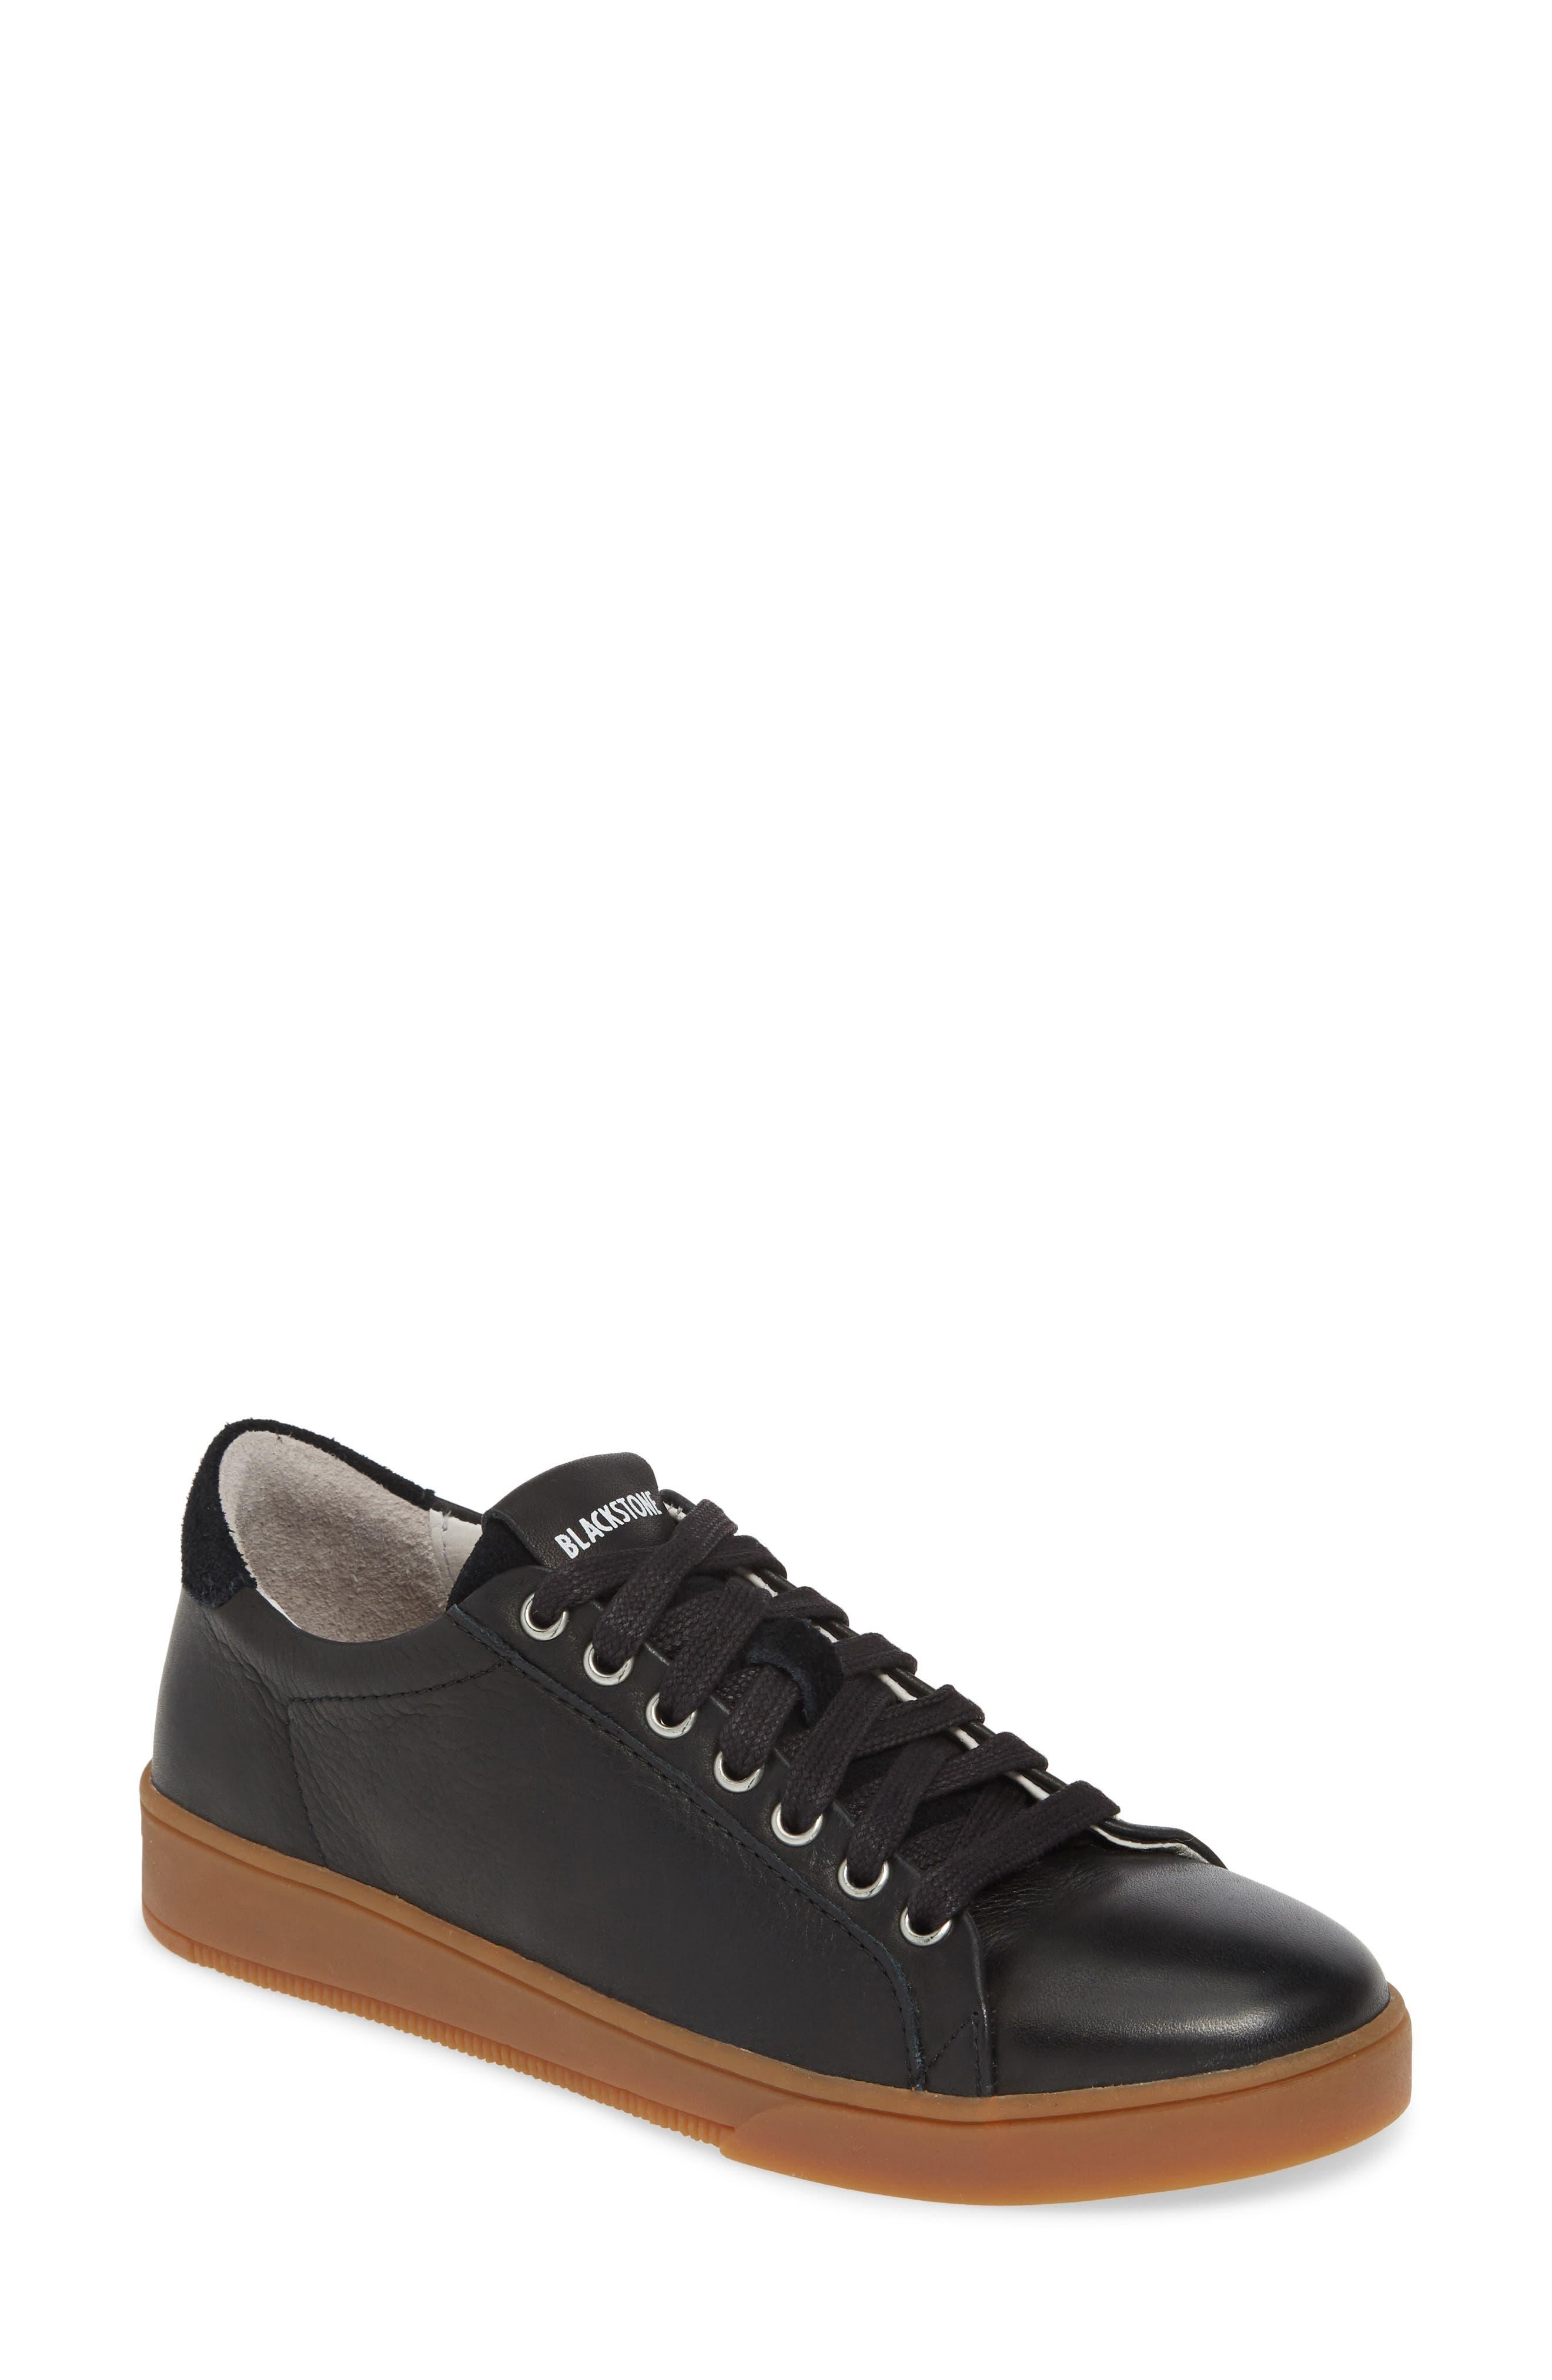 Rl84 Sneaker